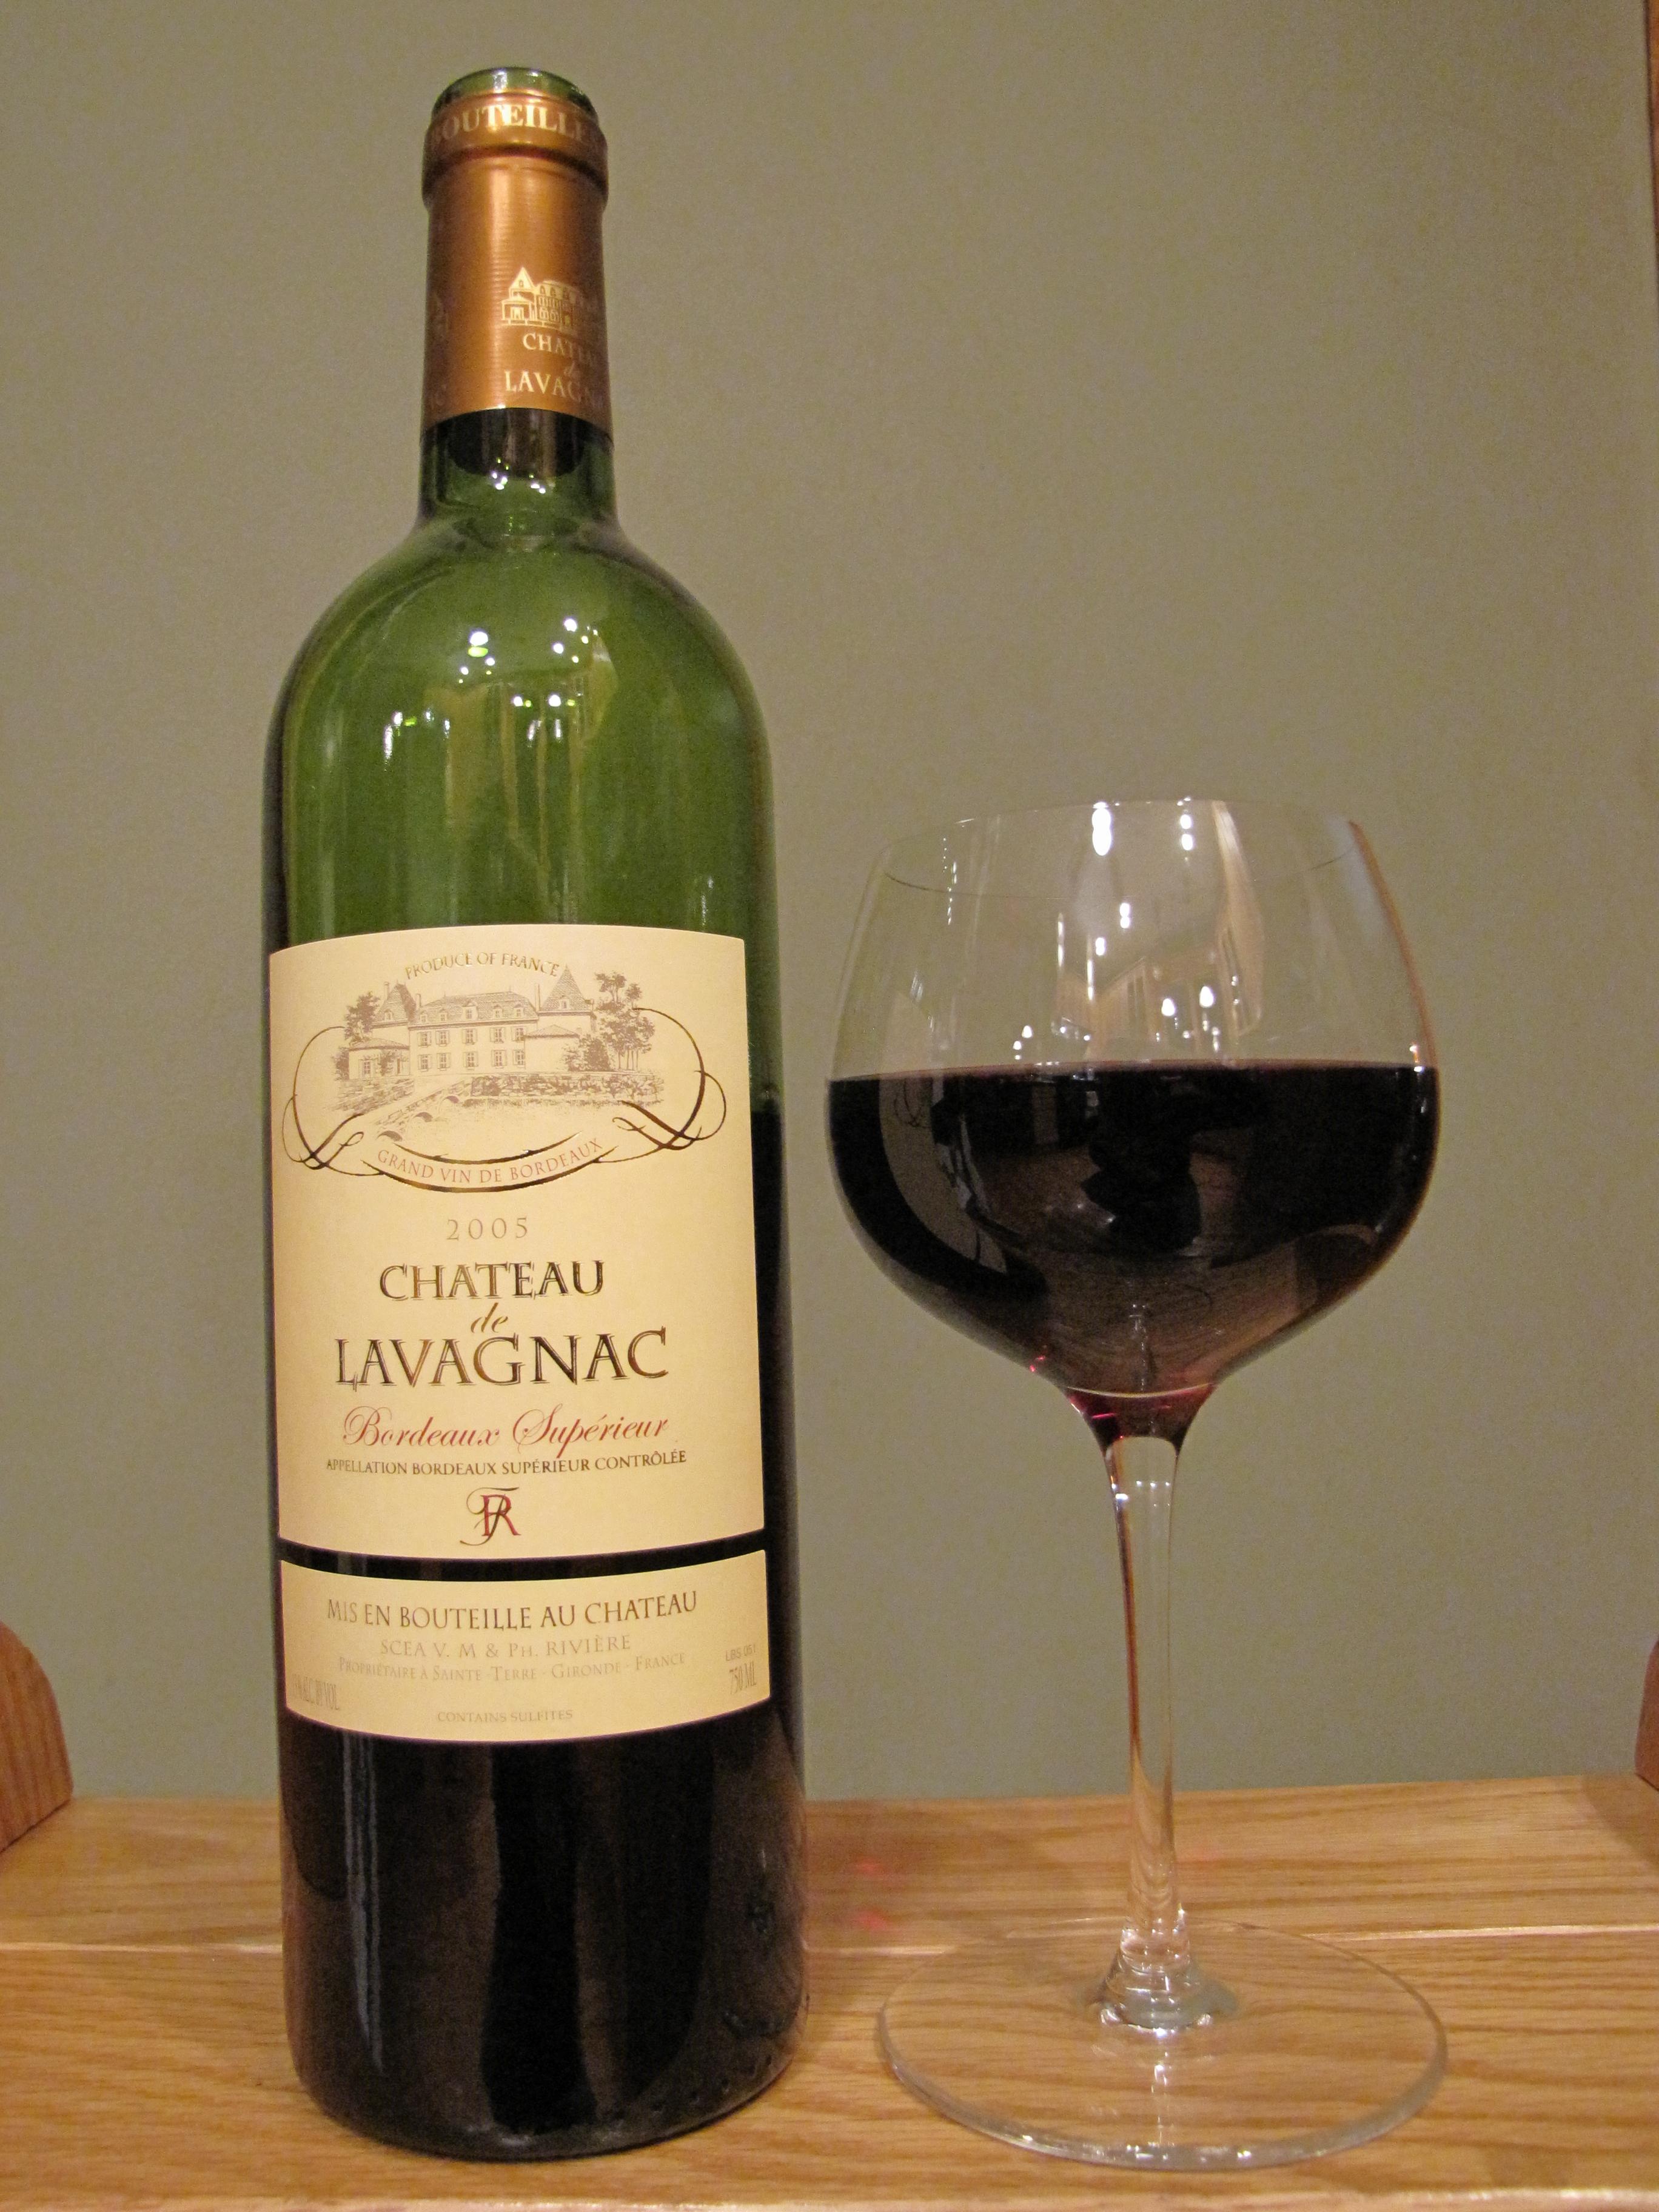 Château Lavagnac Bordeaux Supérieur (2005)